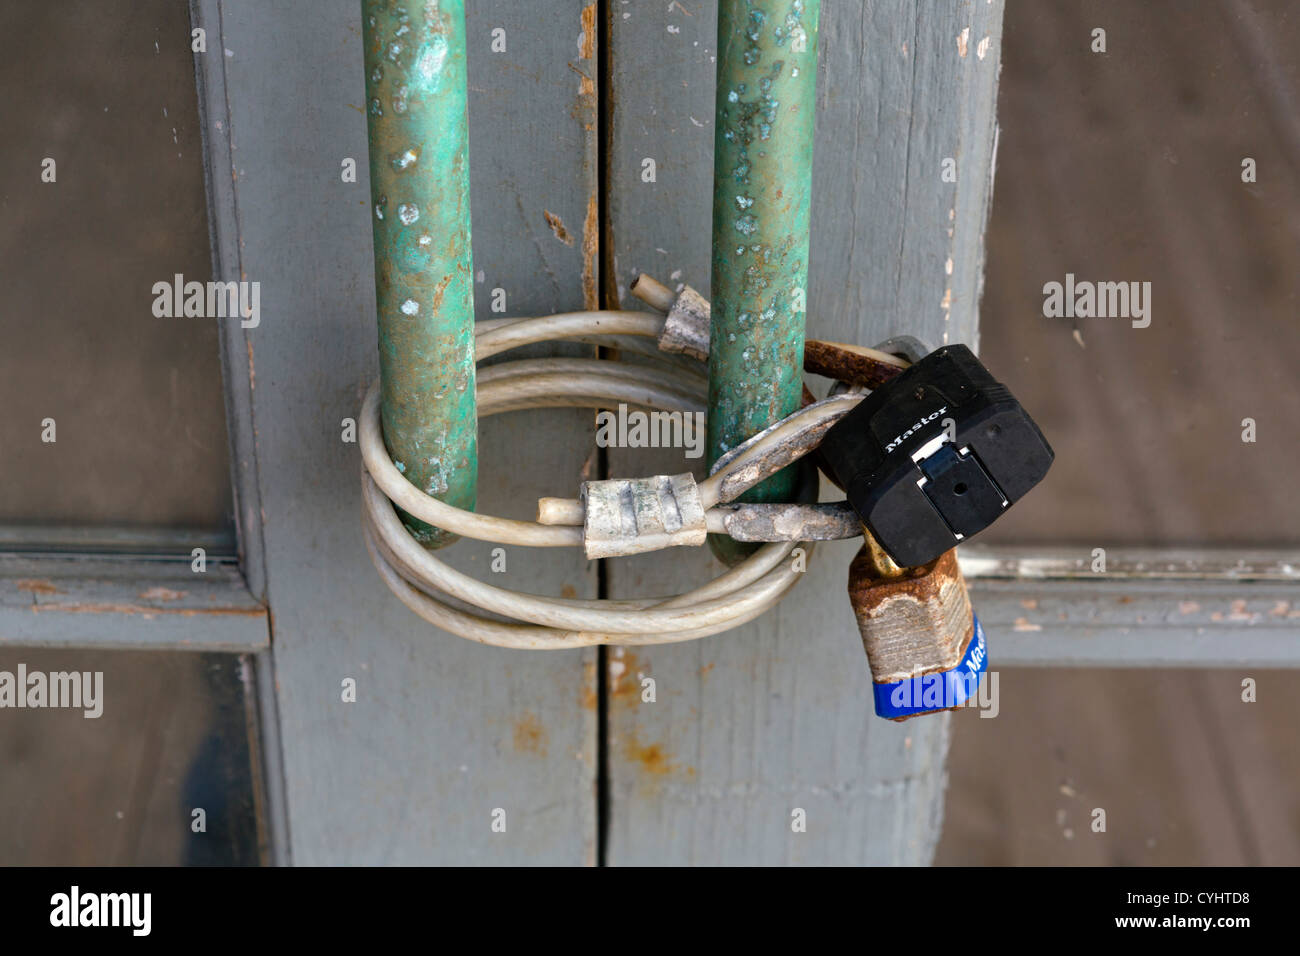 Selló la puerta sobre una propiedad en desuso en Port Townsend, Península Olímpica, Washington, EE.UU. Imagen De Stock